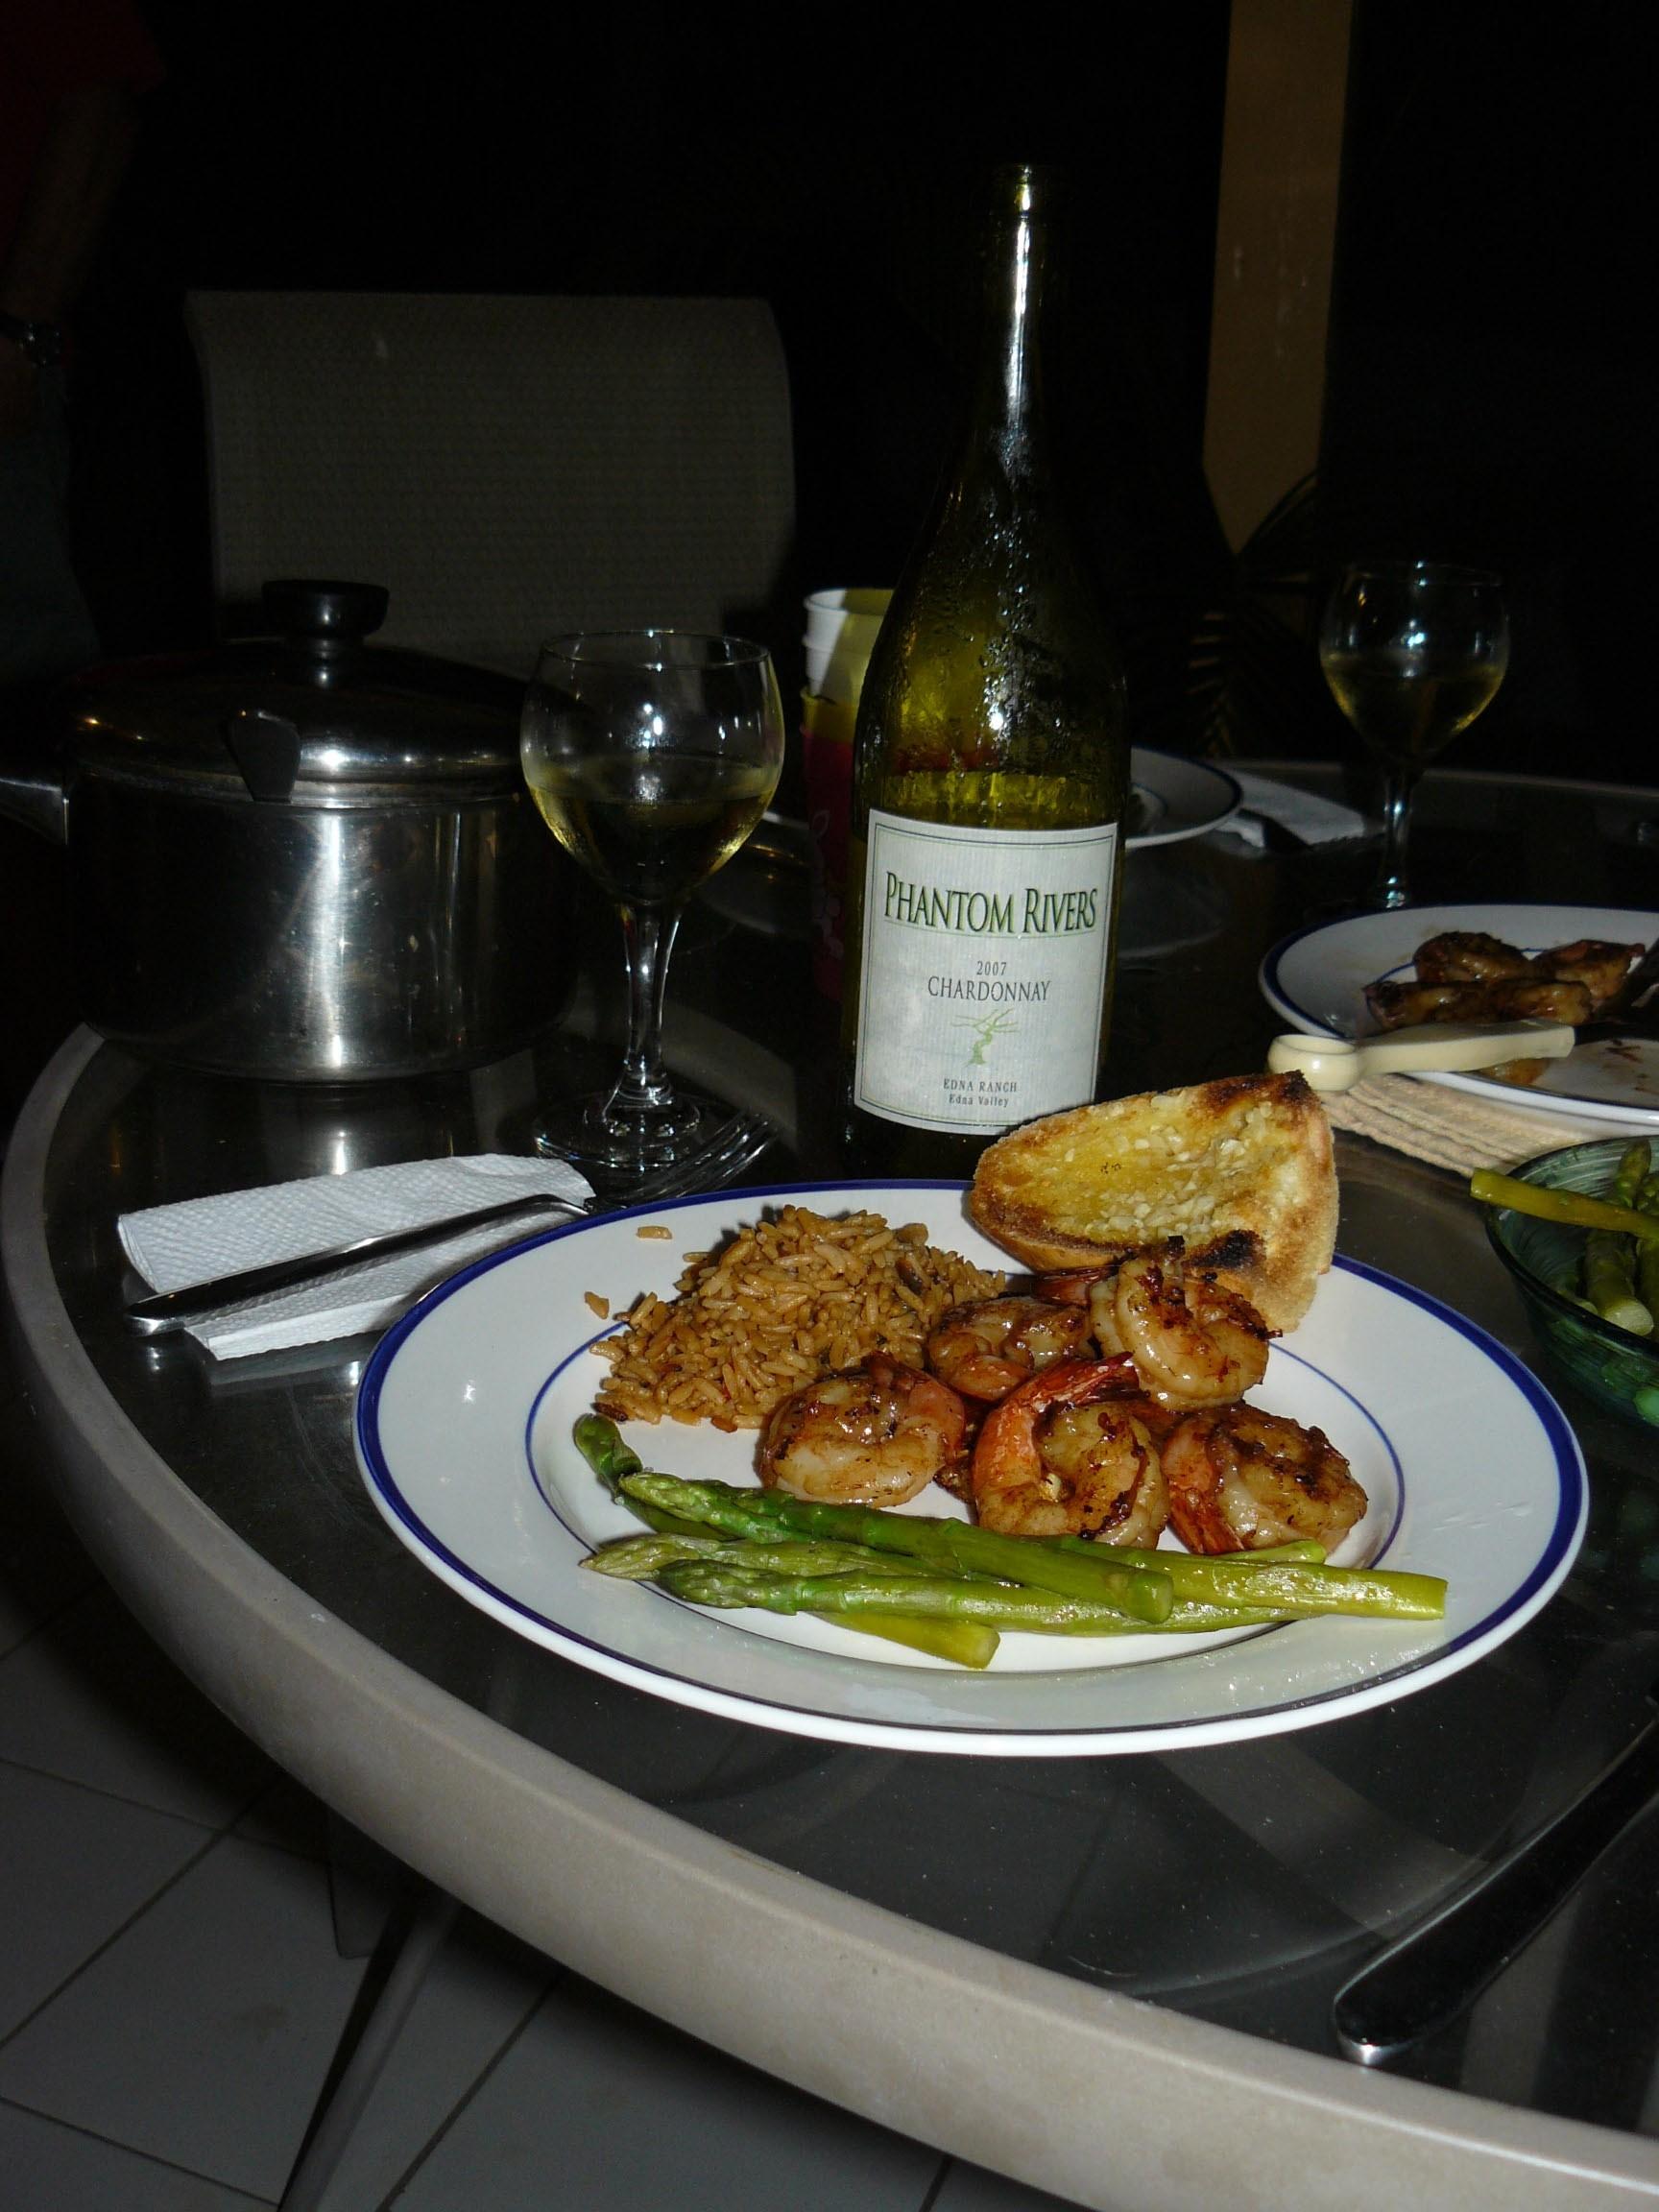 Food & Phantom Rivers Wine | VAULT29